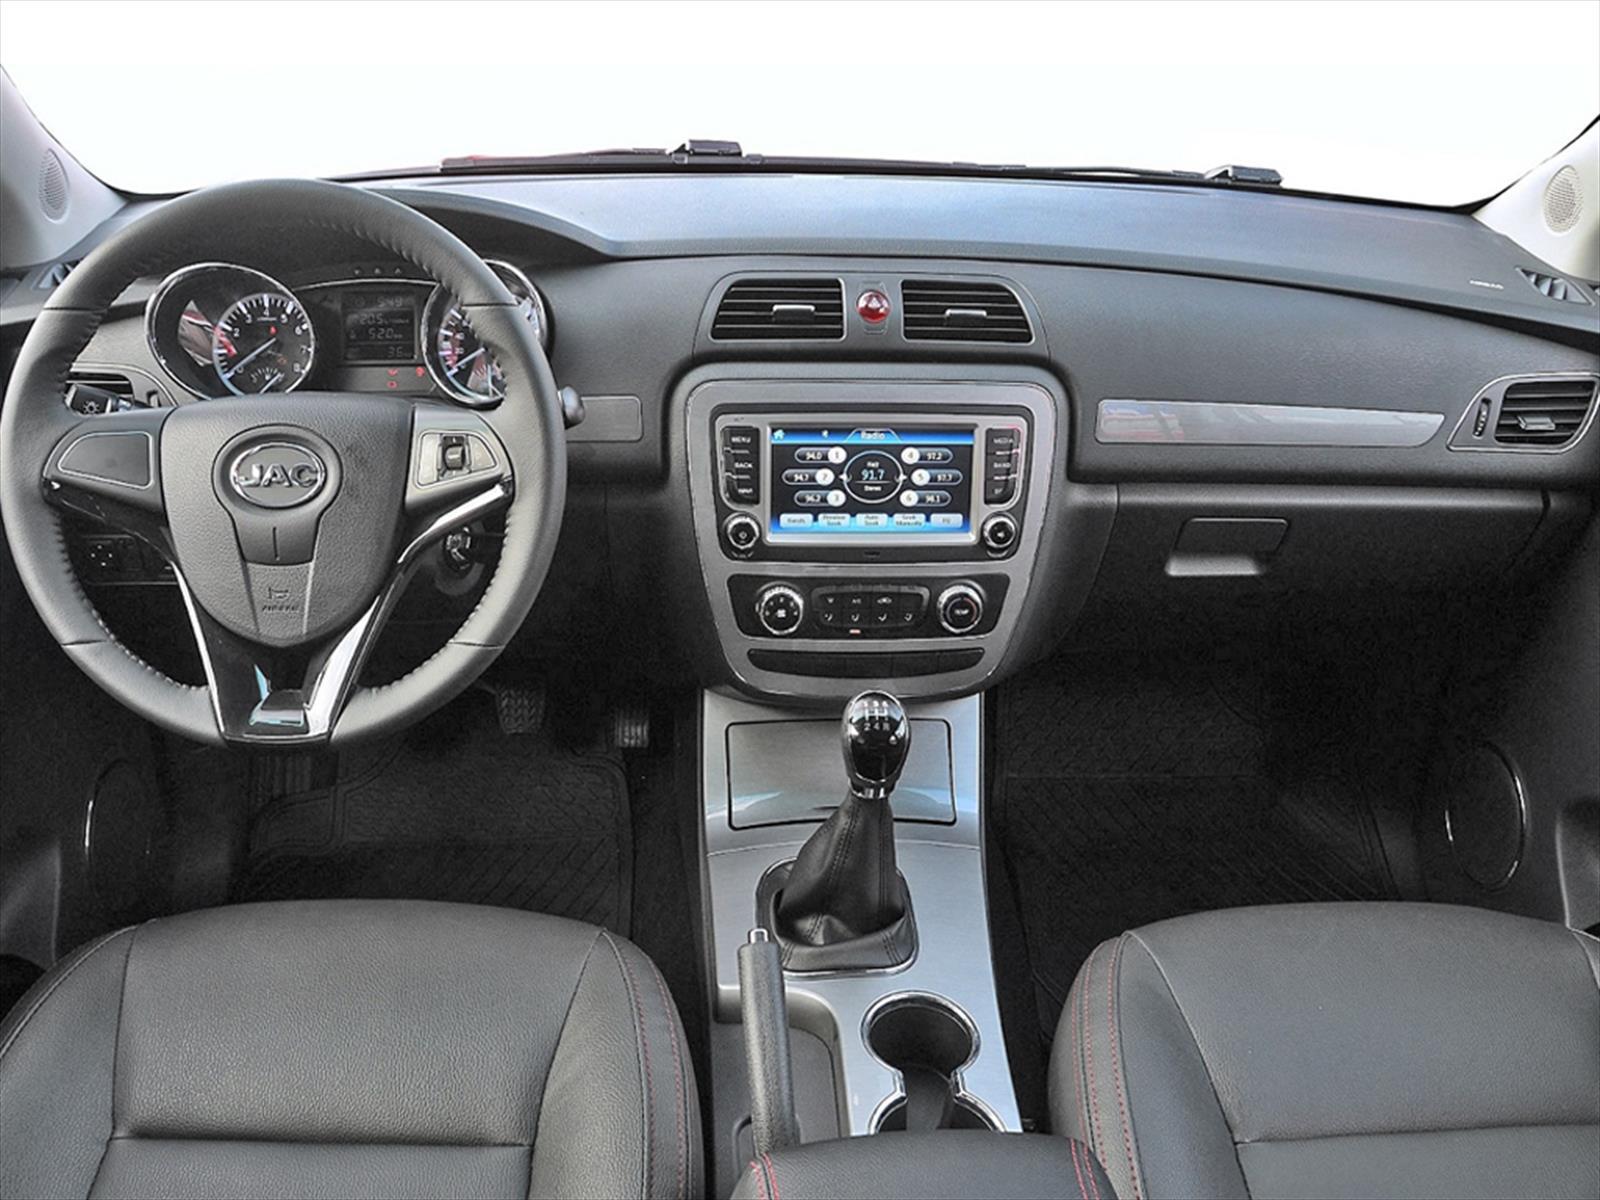 Pick Up Hyundai 2017 >> JAC estrena en Chile la camioneta T6 - Autocosmos.com